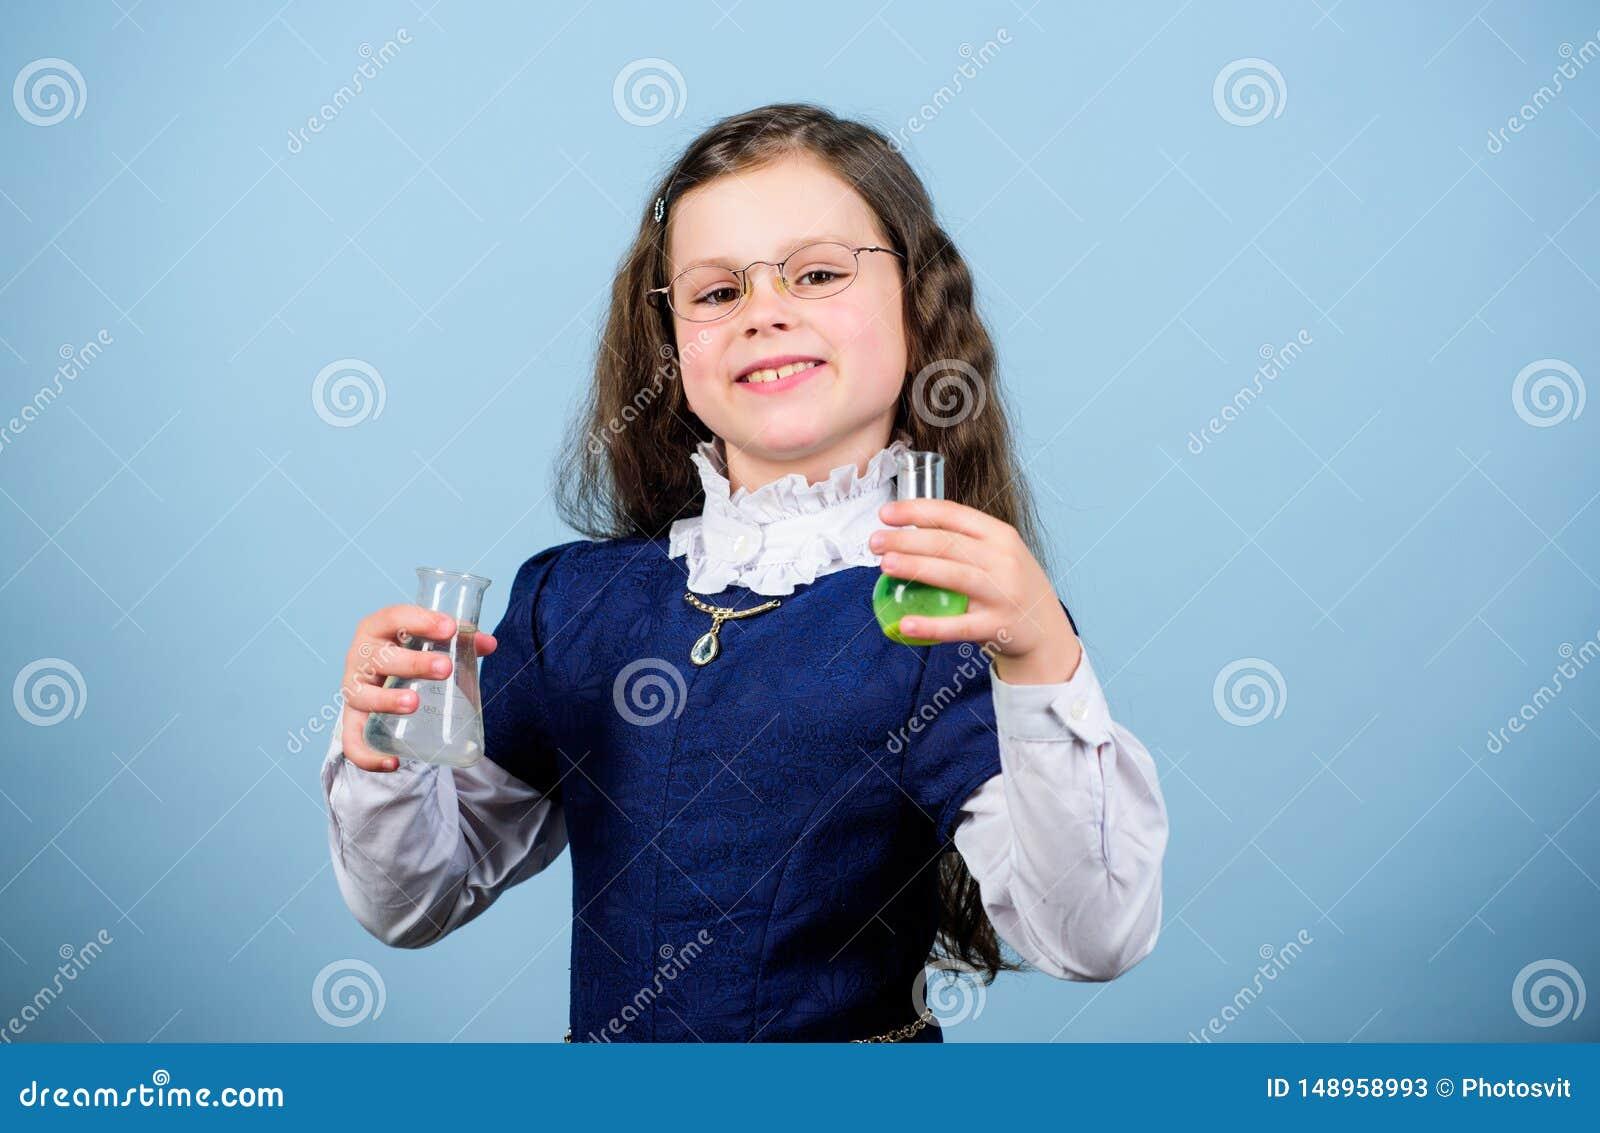 Investigaci?n de la ciencia en laboratorio Peque?a muchacha del genio Lecci?n del bilogy del estudio del ni?o Descubra el futuro